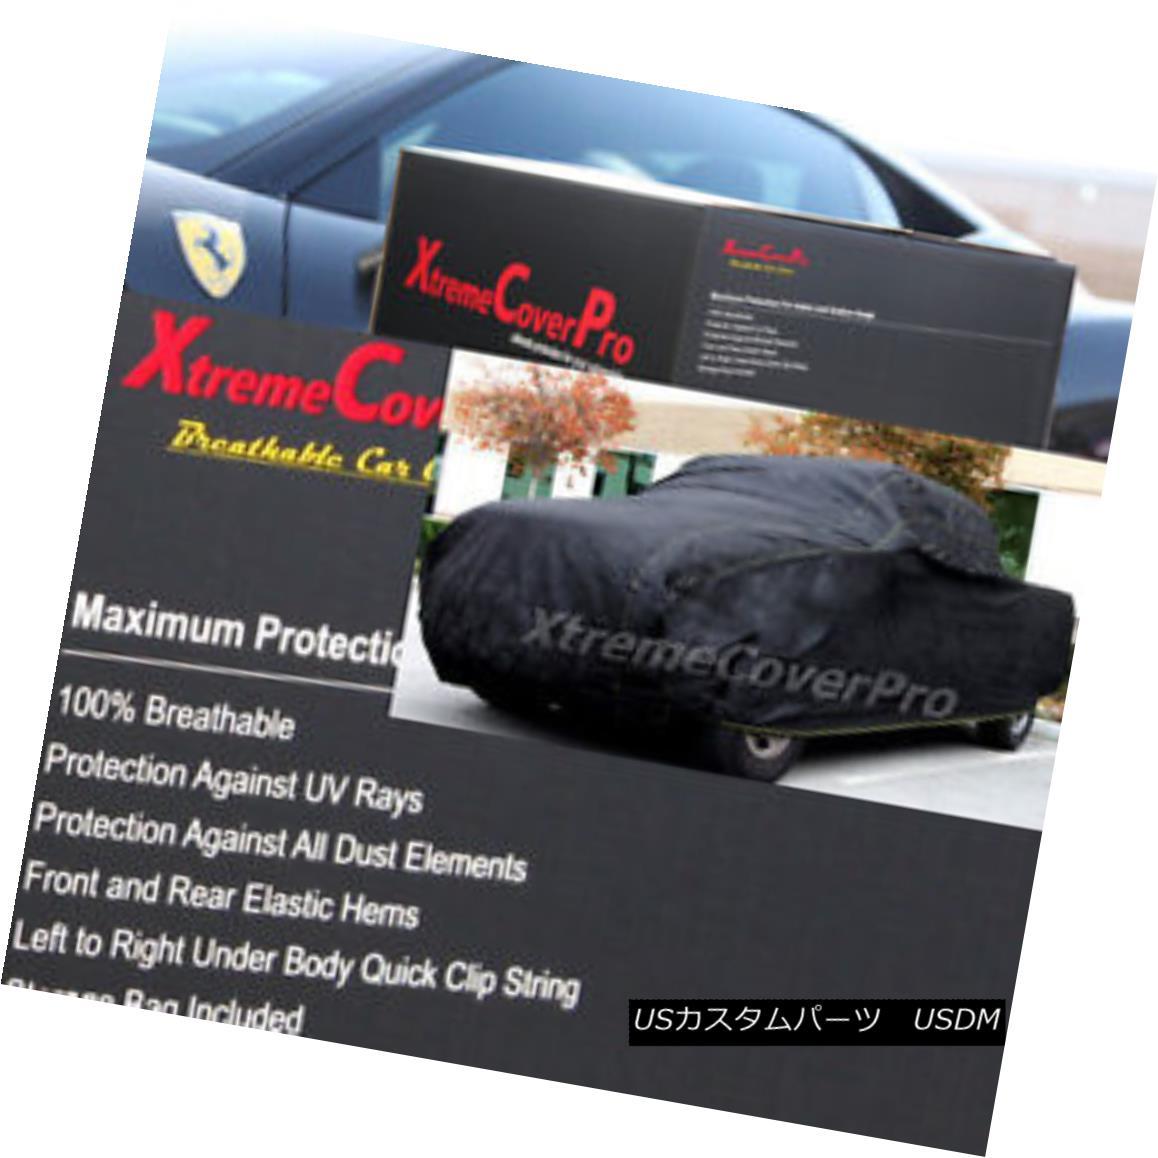 カーカバー 2003 2004 2005 Chevy Silverado 1500 Ext Cab 8ft Long Bed Breathable Truck Cover 2003年2004年2005シボレーシルバラード1500エクステンションキャブ8ftロングベッド通気性トラックカバー